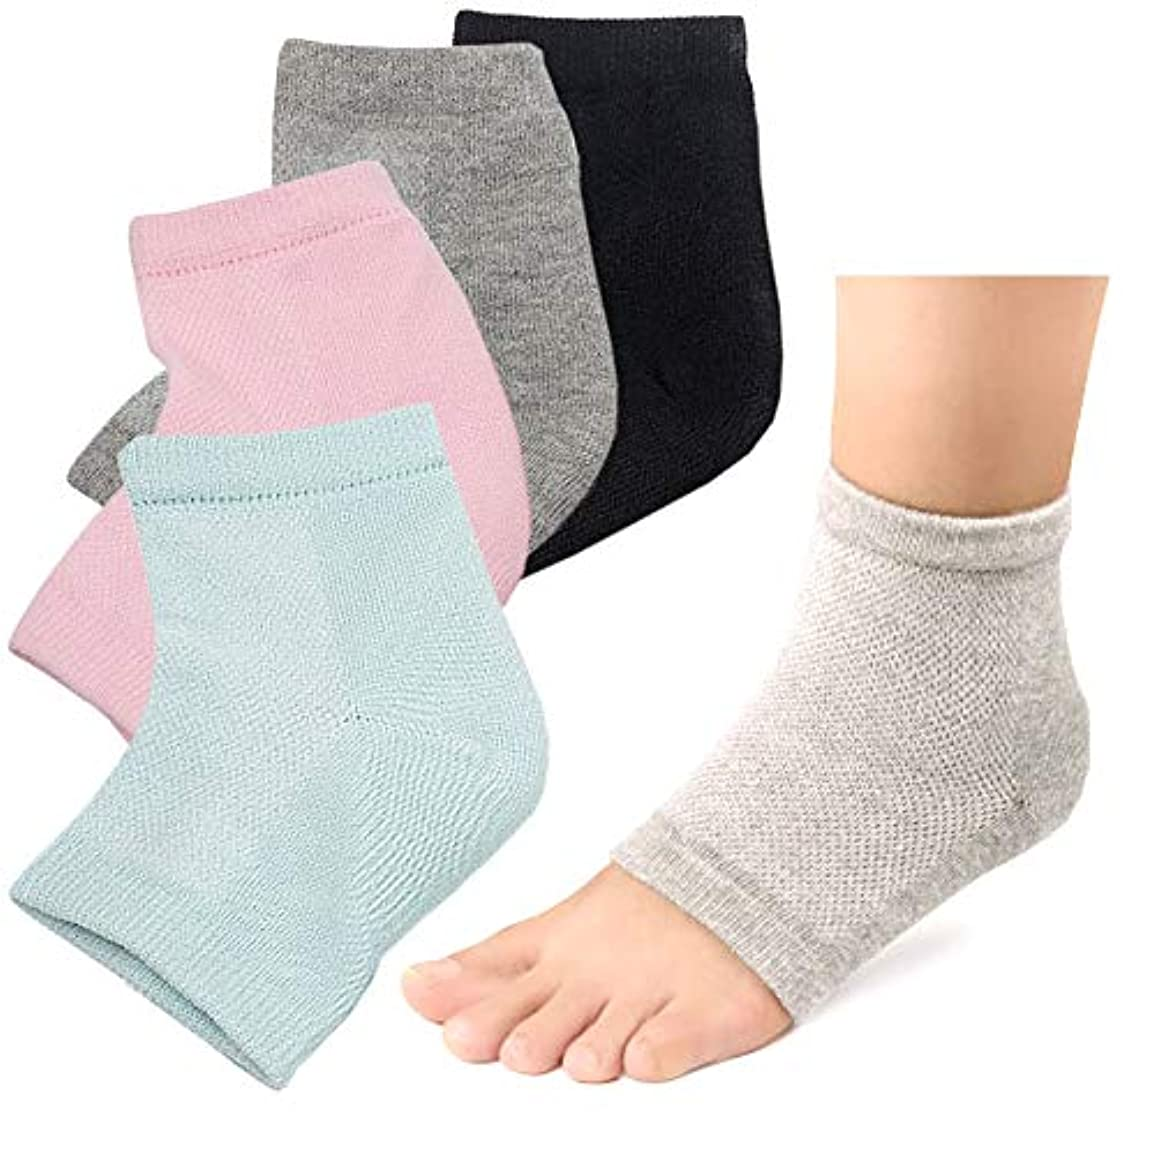 数学的なプレビスサイトラショナルかかと 靴下 ソックス つるつる 2足セット かかとケア かかとサポーター ひび割れ対策 角質ケア (ピンク/グリーン)